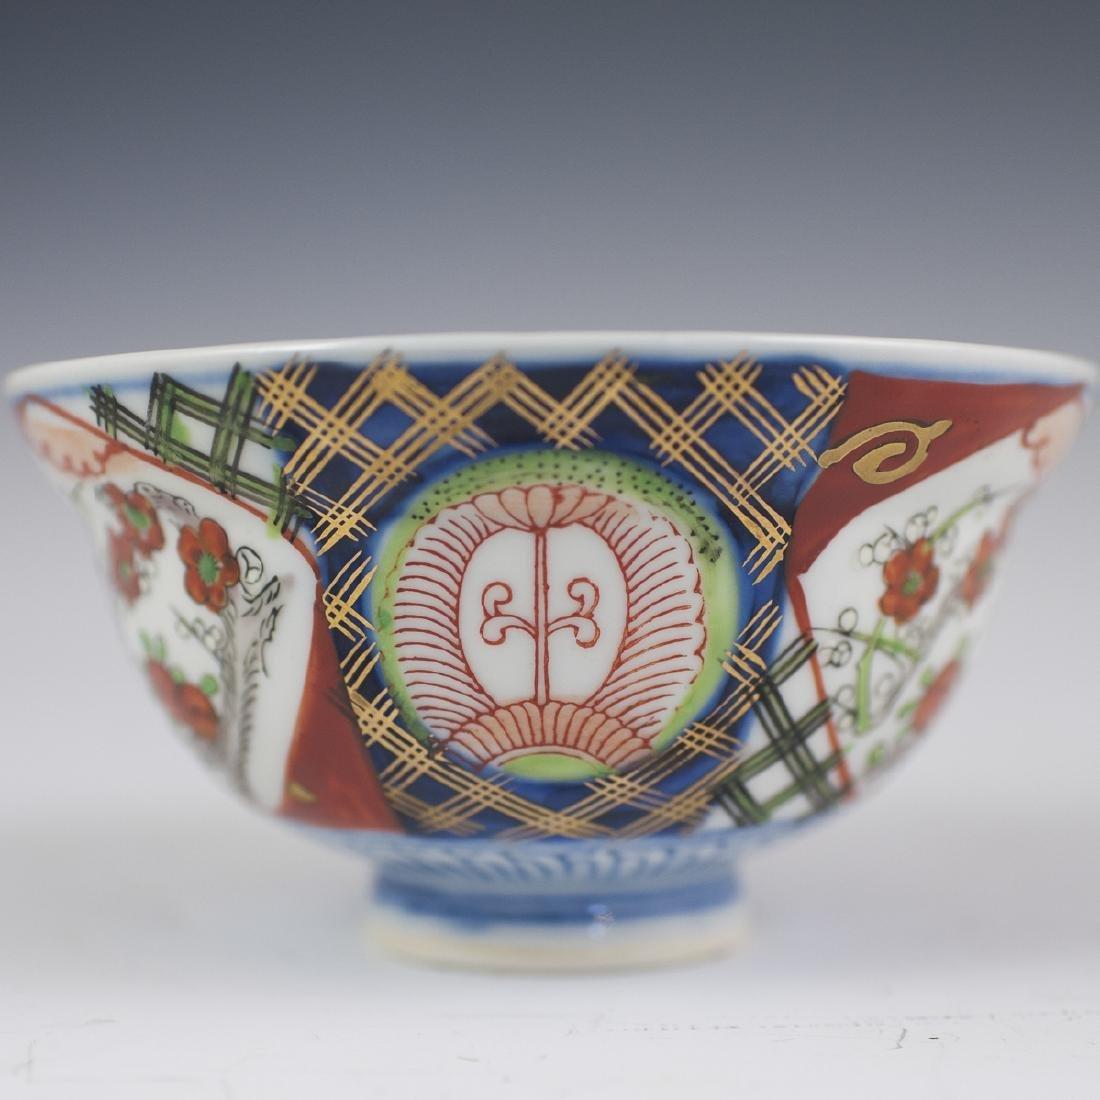 Japanese Imari Enameled Porcelain Bowl - 2